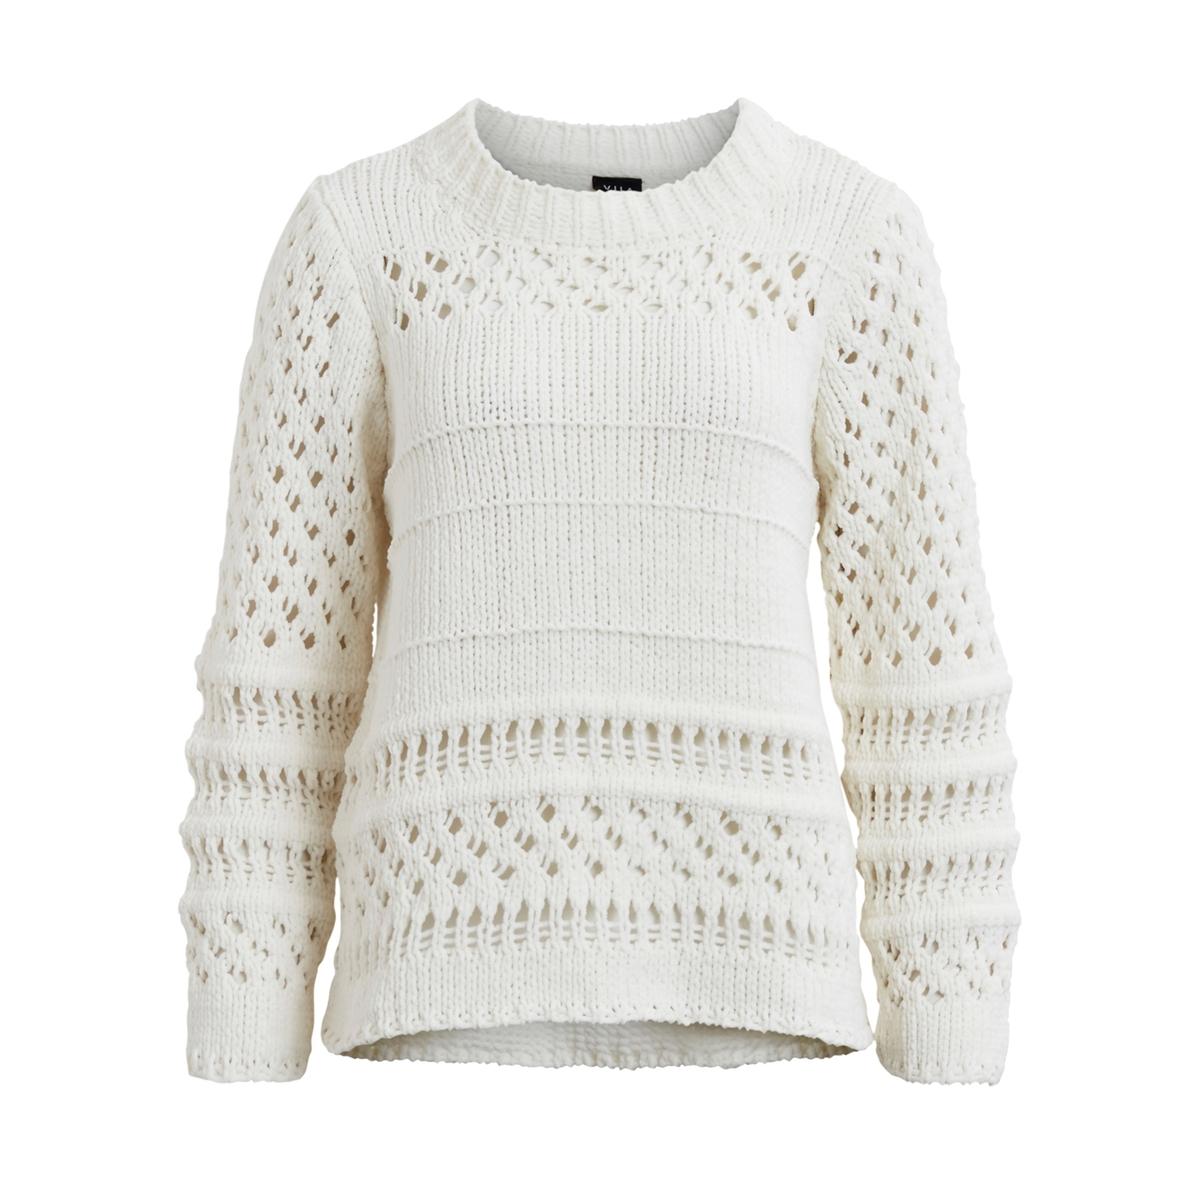 Пуловер из оригинального трикотажаМатериал: 100% полиэстер.Длина рукава: длинные рукава.Форма воротника: высокий воротник.Покрой пуловера: стандартный.Рисунок: однотонная модель.<br><br>Цвет: хаки светлый,экрю<br>Размер: S